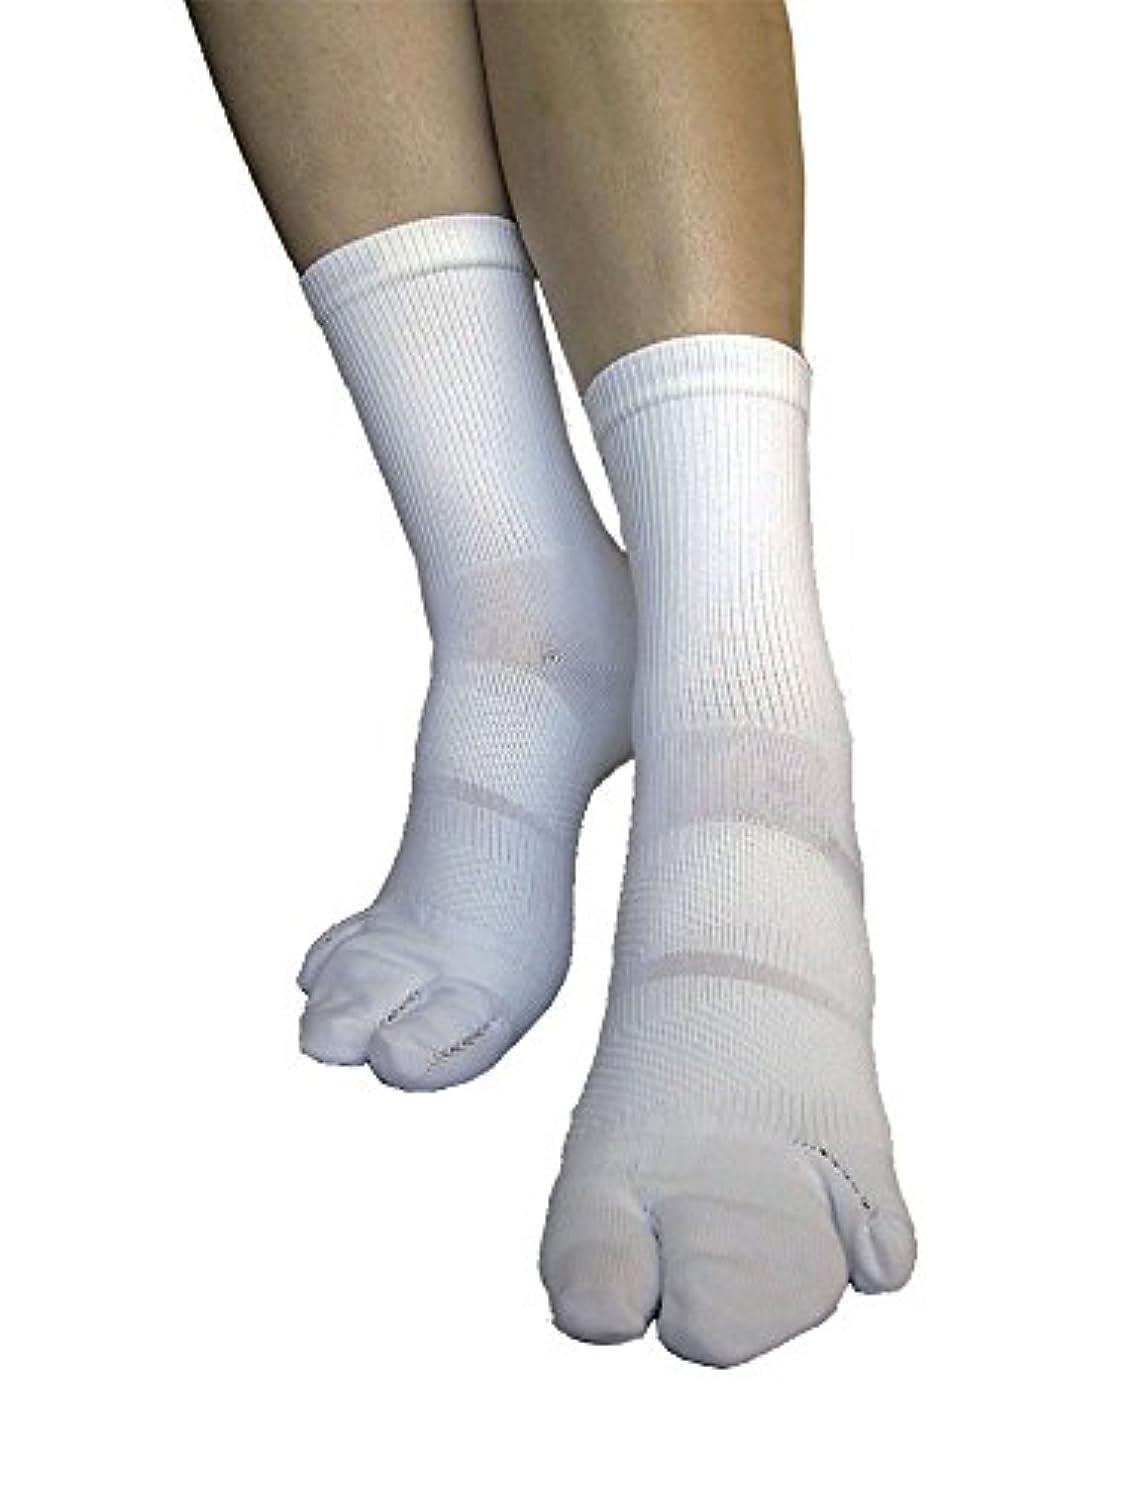 共同選択モバイルおもてなし外反母趾対策 足首ほっそーり3本指テーピング靴下 L(24-26cm)?ホワイト